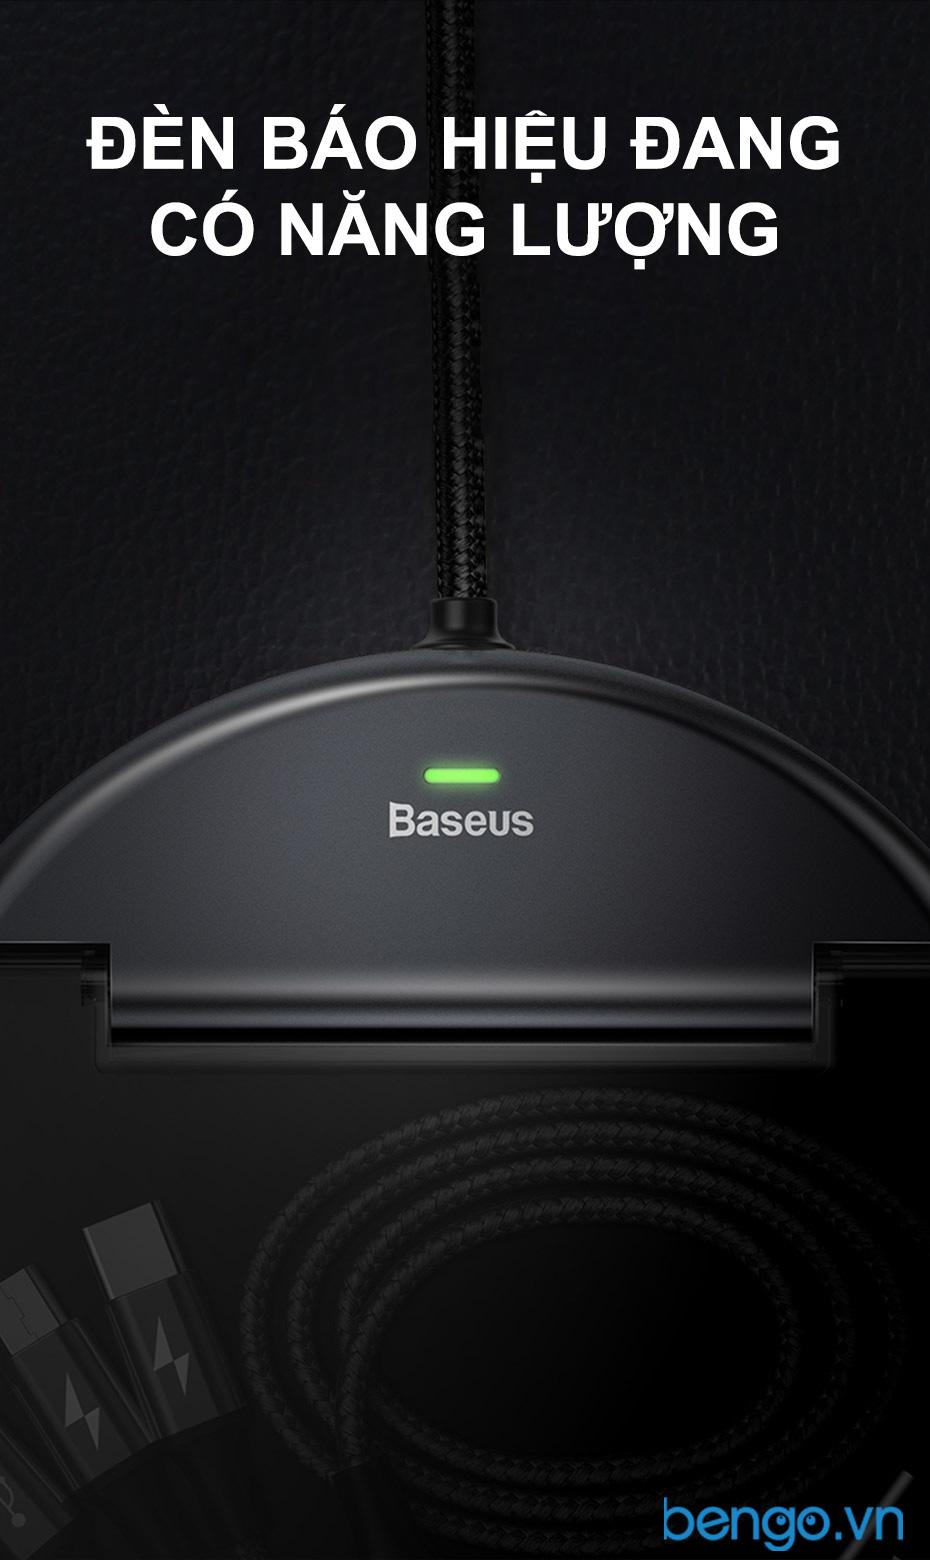 Baseus Car Sharing Charging Station